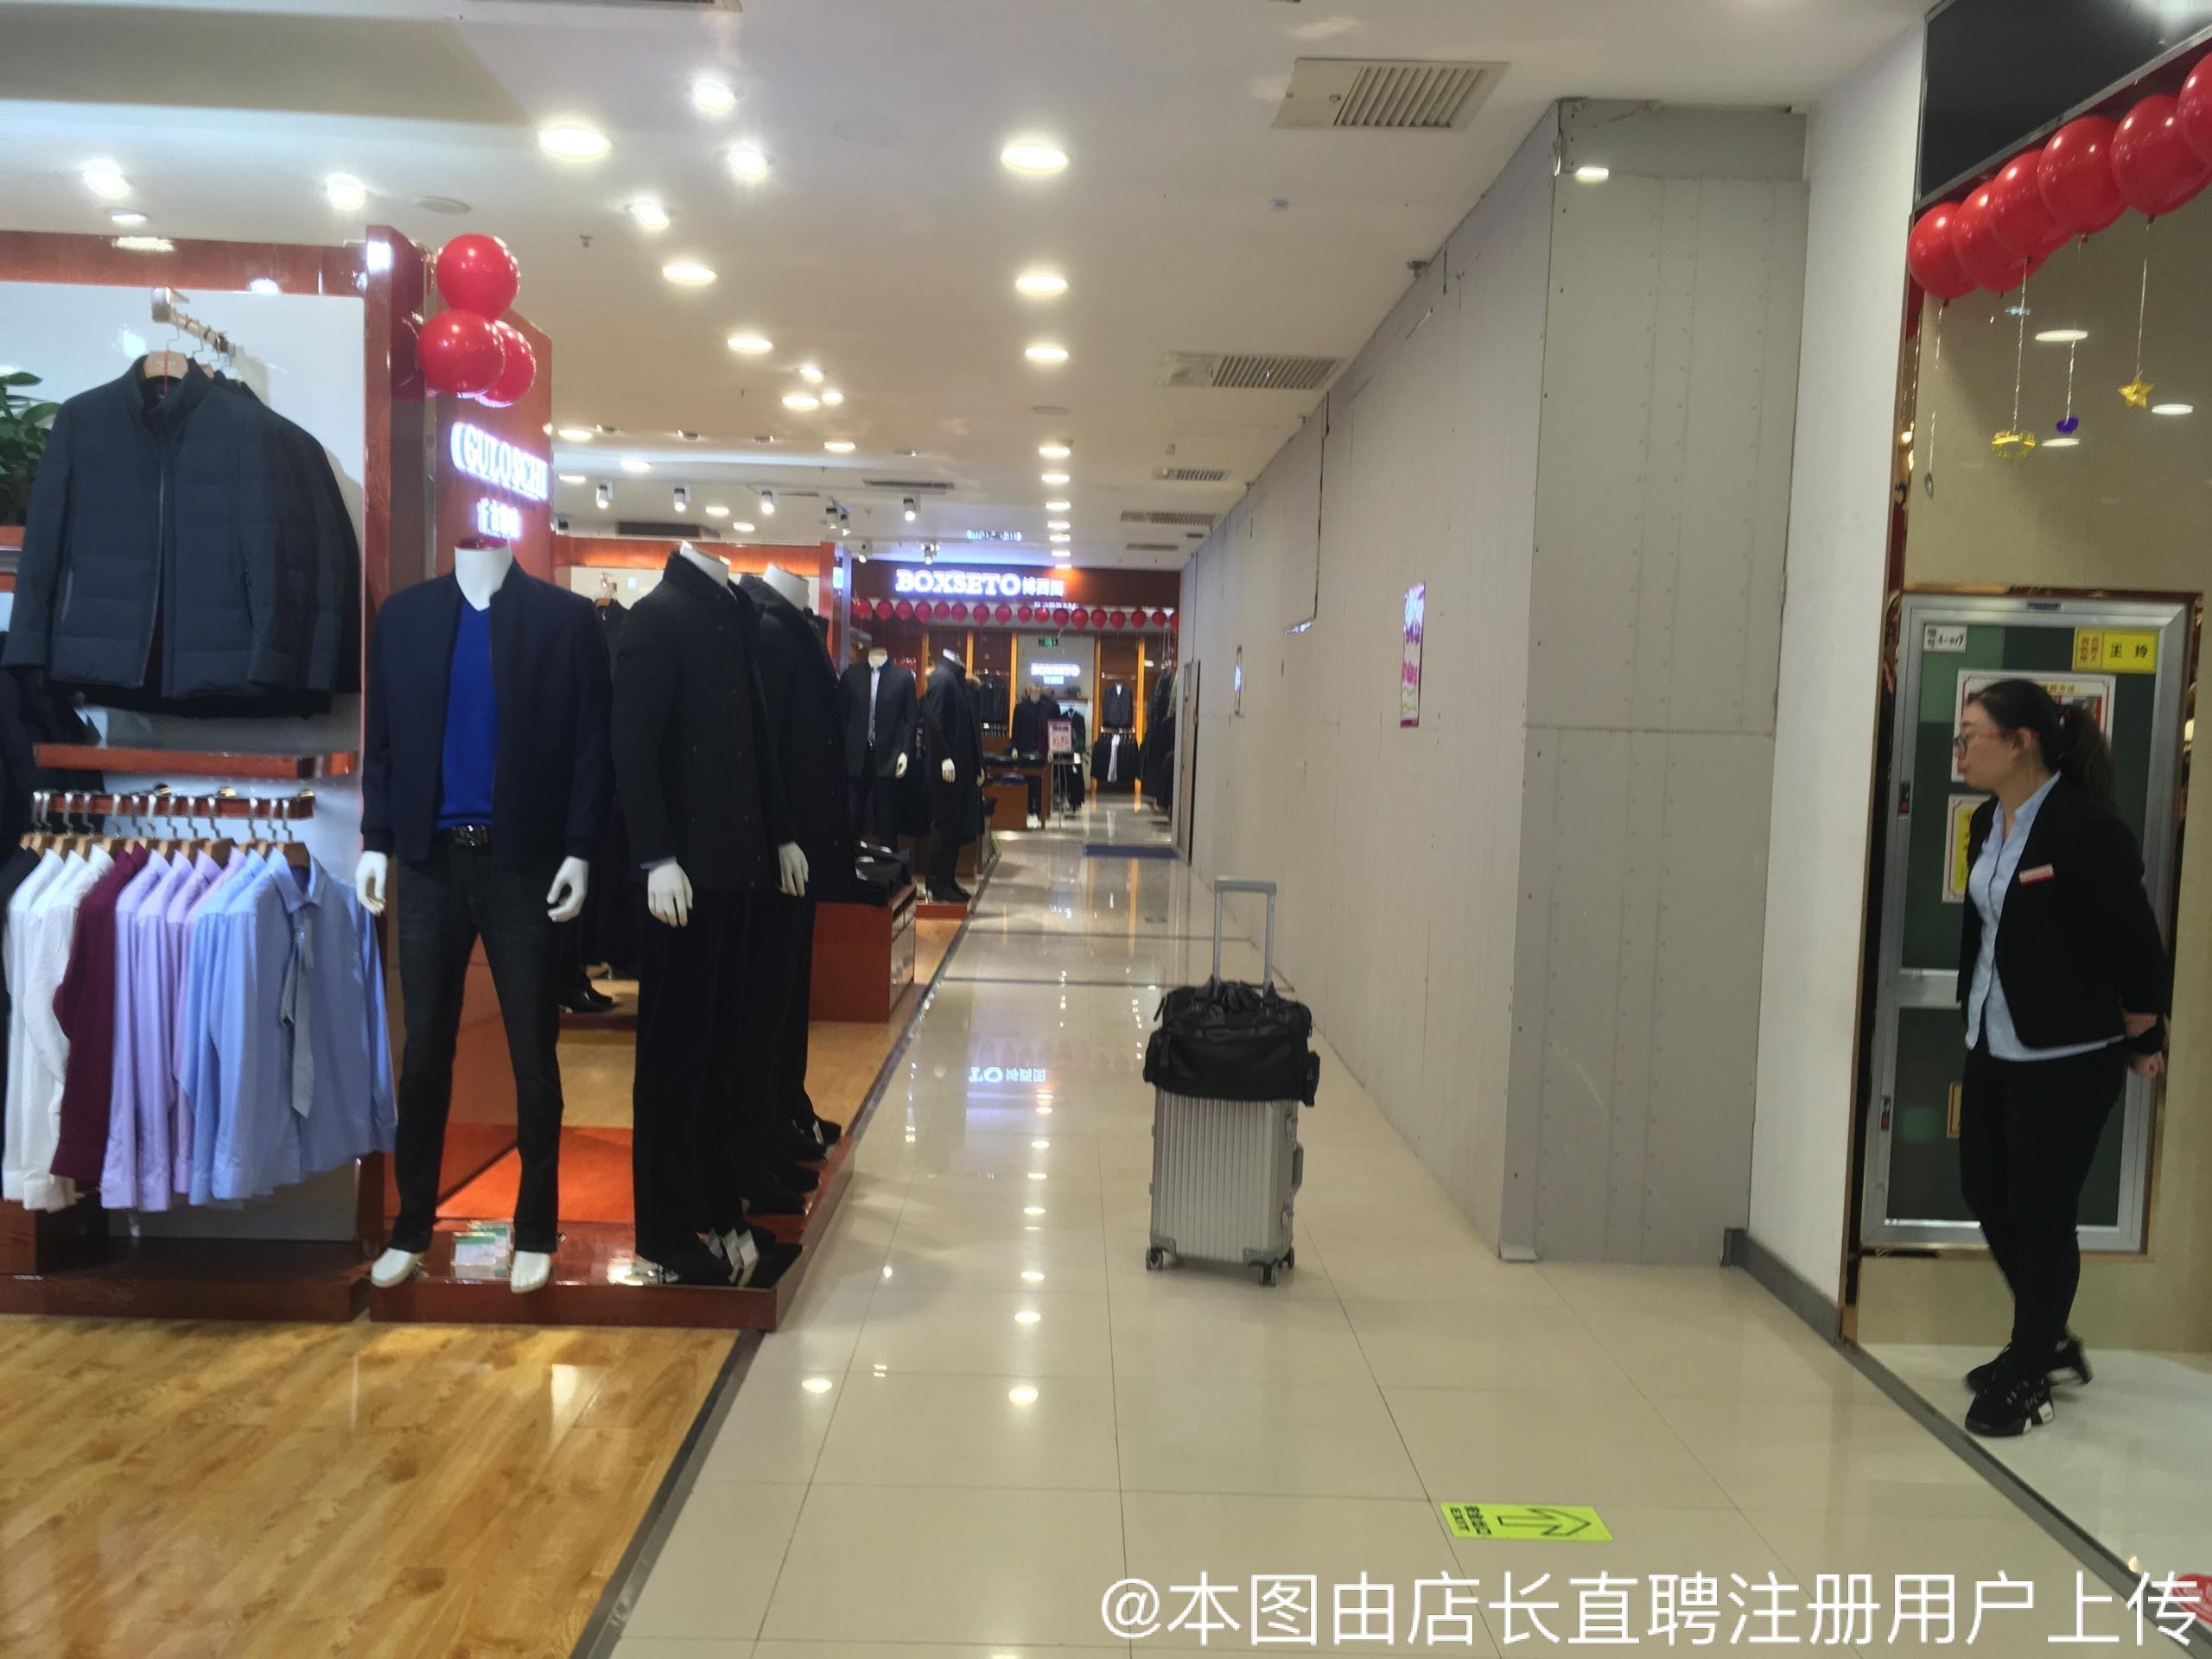 寿光市诺轩服装店